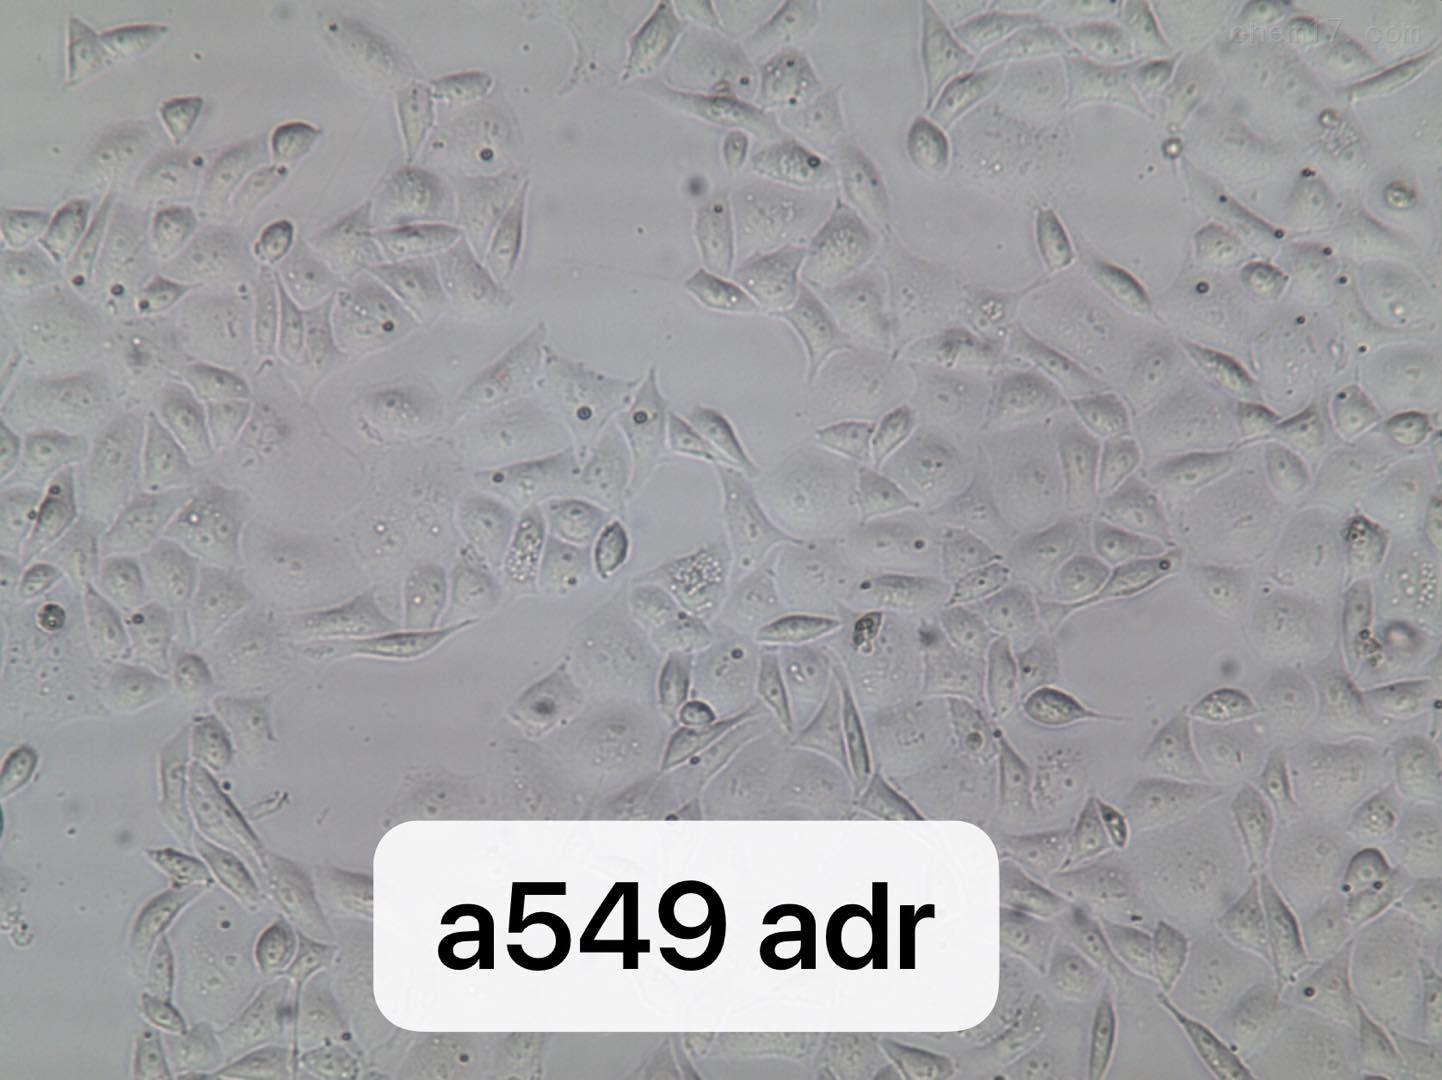 人肺癌阿霉素耐药株A549/ADR